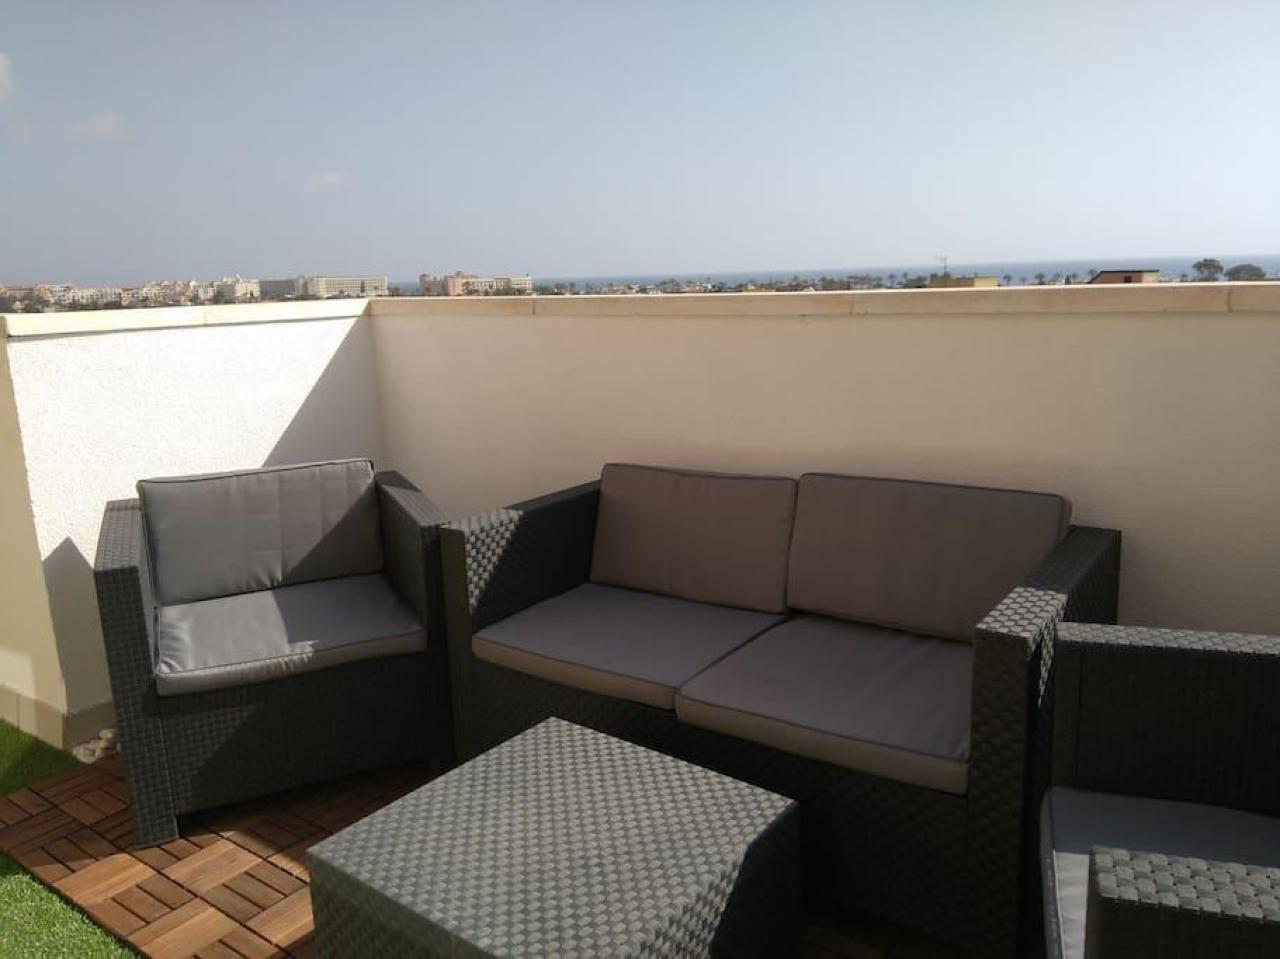 Alquiler de apartamentos Roquetas de Mar, Almería